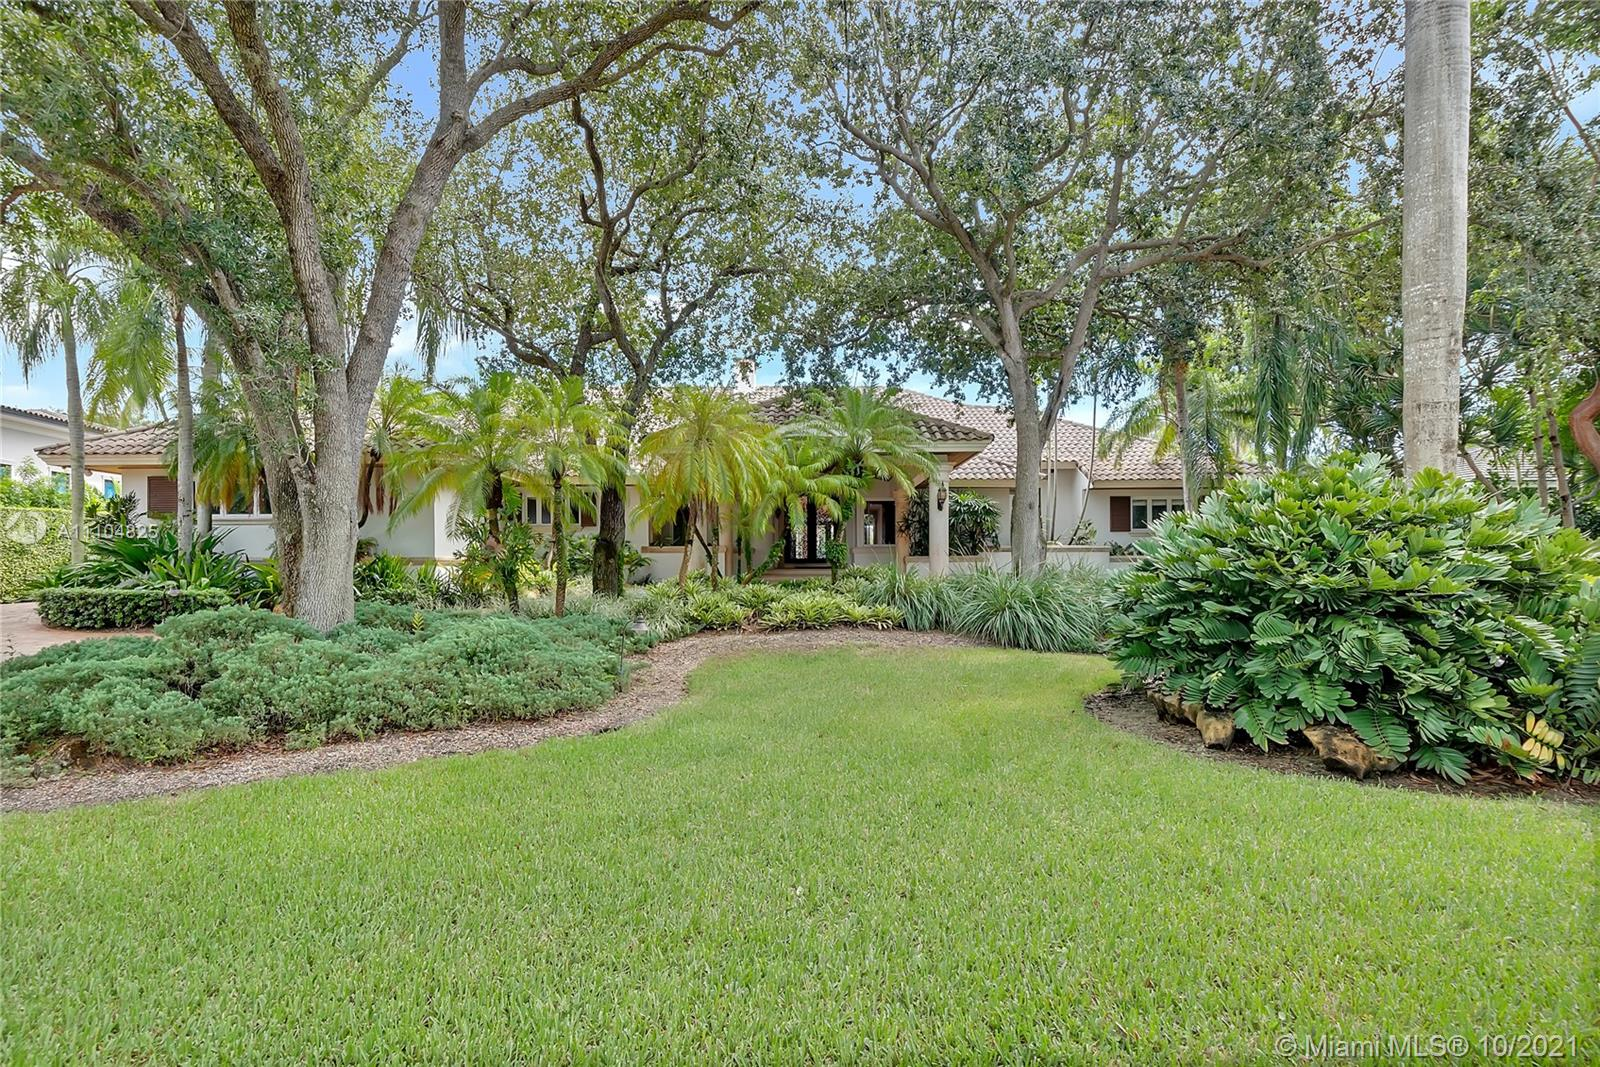 South Miami - 7805 Los Pinos Cir, Coral Gables, FL 33143